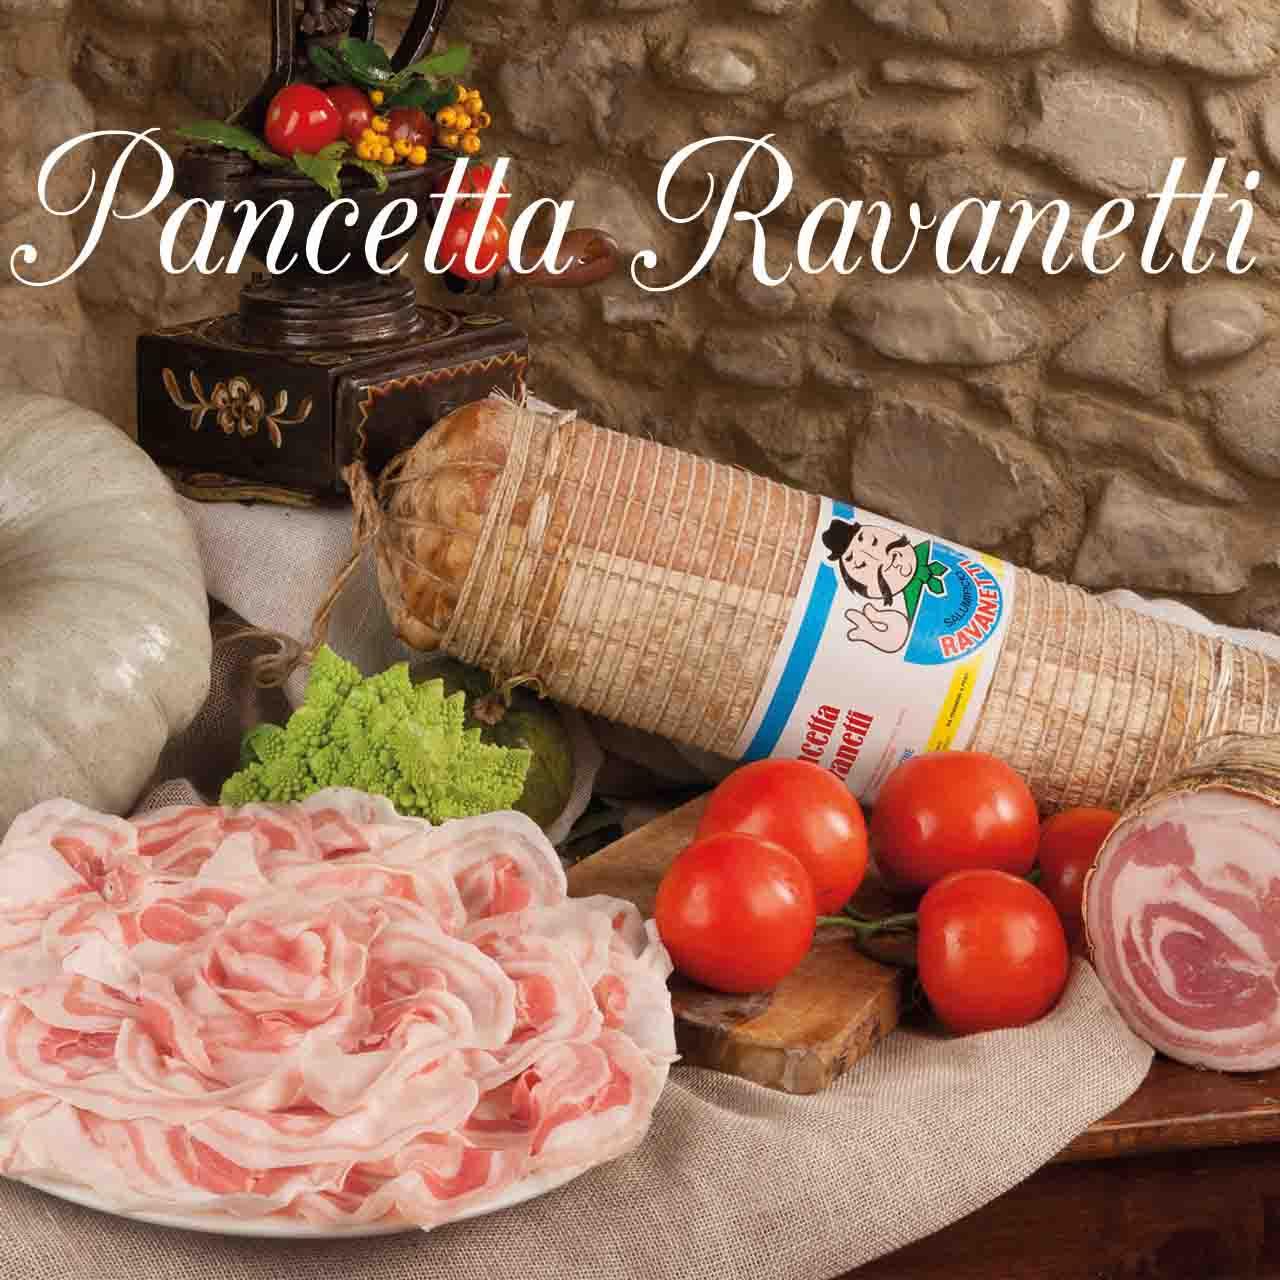 Pancetta Ravanetti